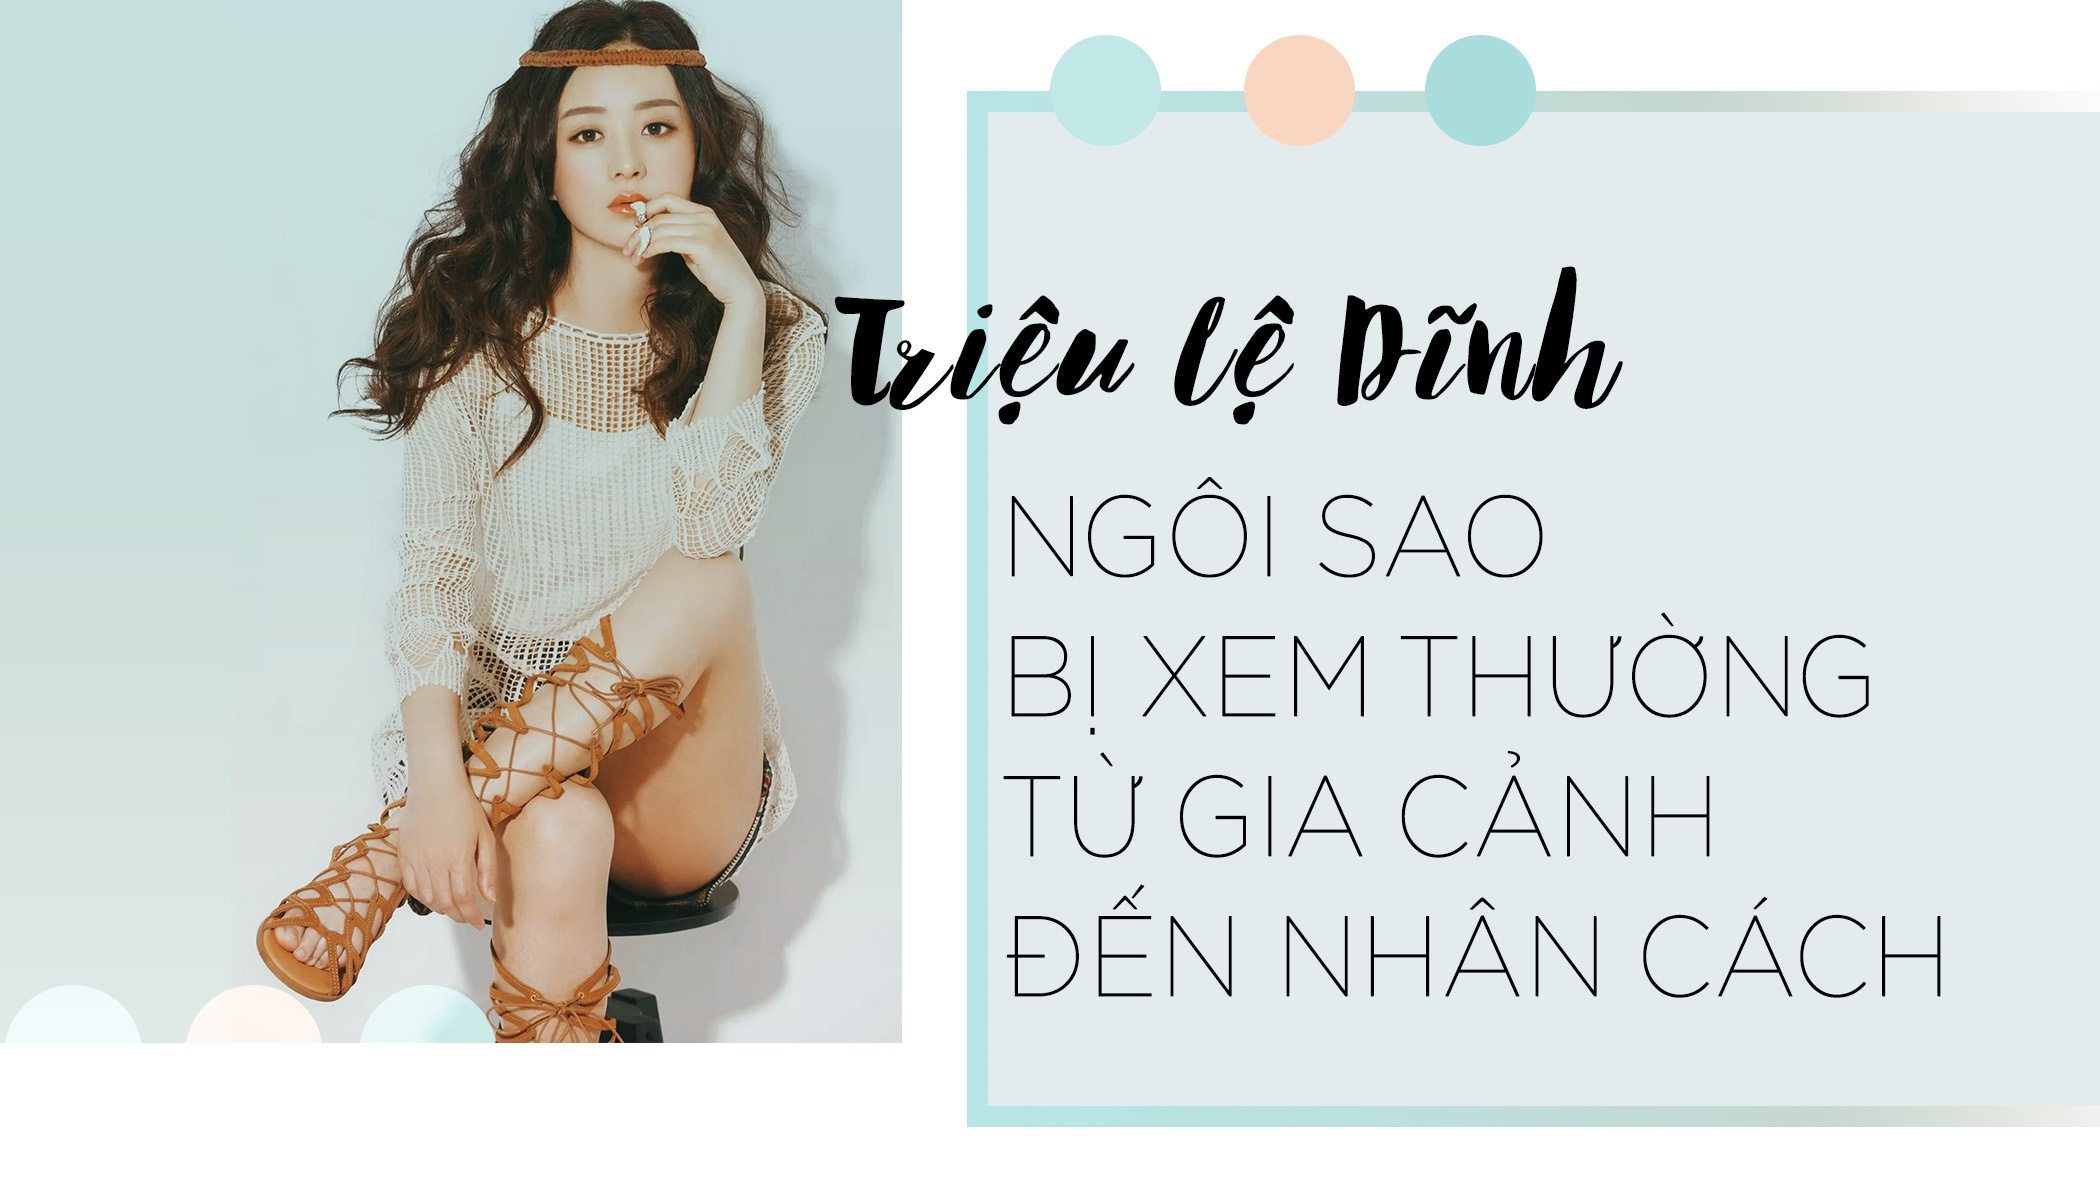 Trieu Le Dinh bi xem thuong anh 1